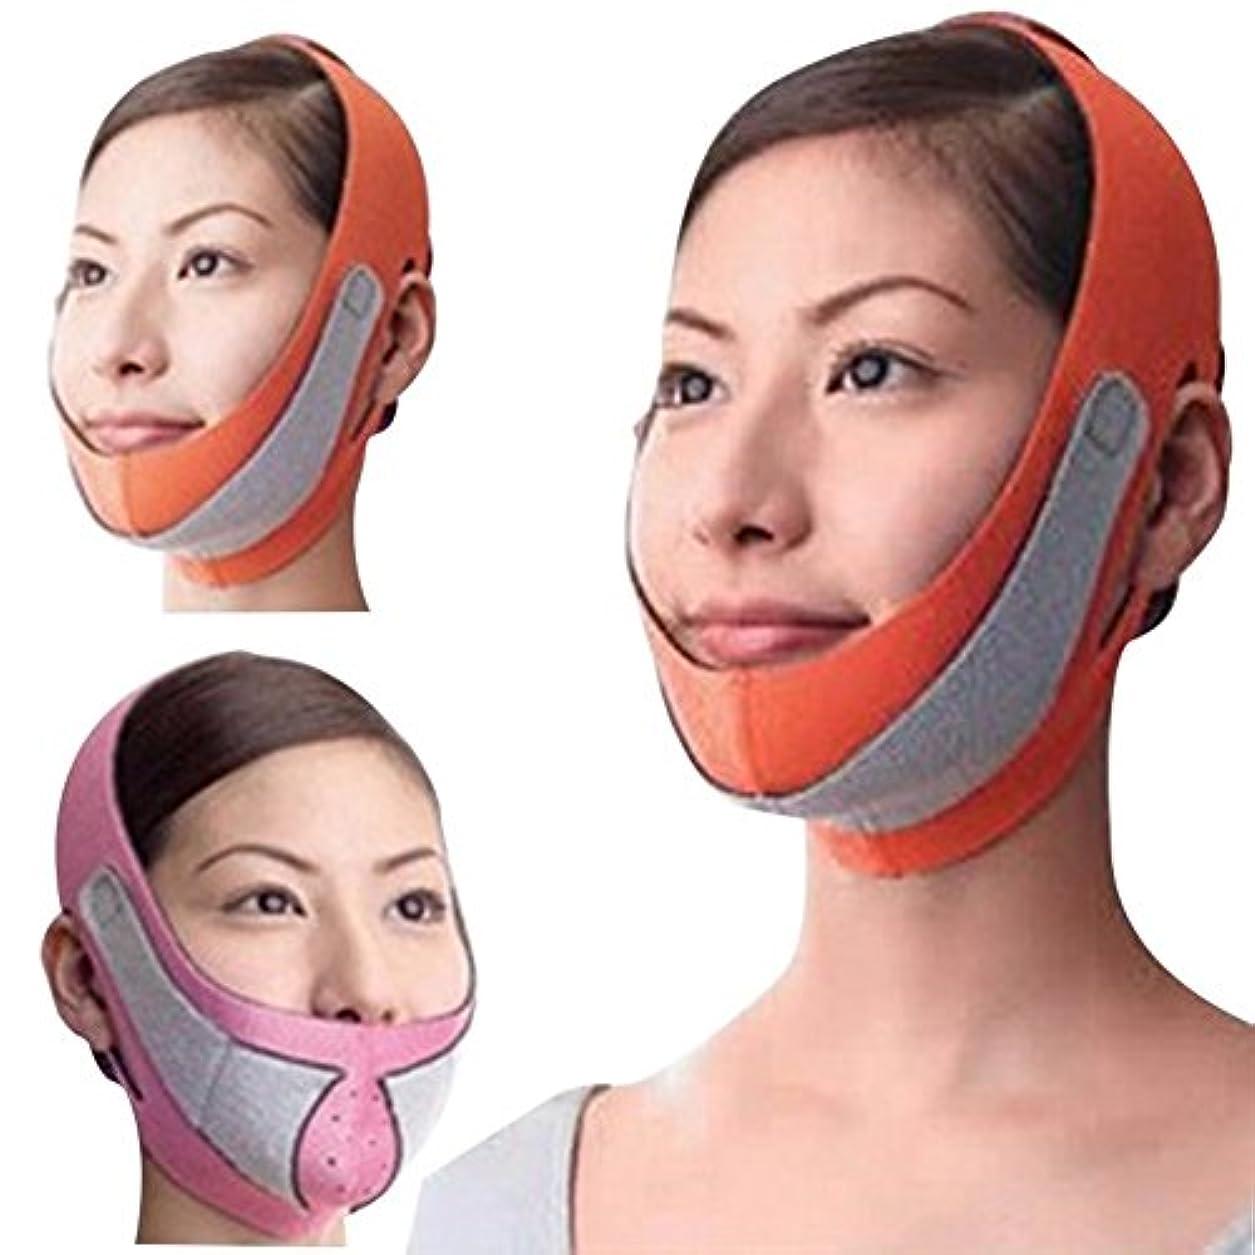 発揮する不快なレコーダーRemeehi 引き上げマスク 頬のたるみ 額 顎下 頬リフトアップ ピンク グレー 弾力V-ラインマスク 引っ張る リフティング フェイス リフトスリムマスク 美容 フェイスマスク オレンジ